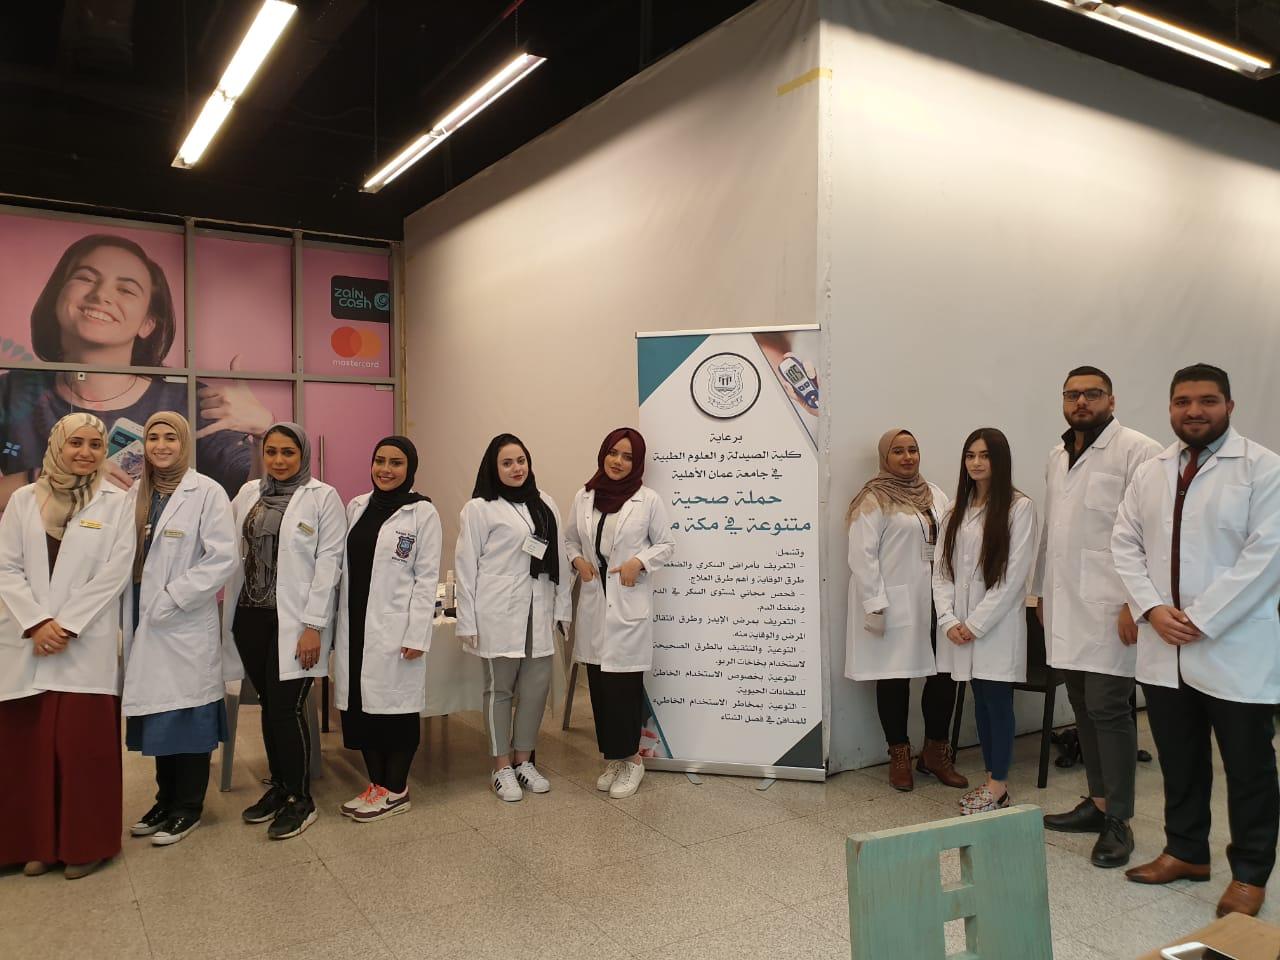 """حملة توعوية صحية متنوعة في """"مكة مول"""" لطلبة الصيدلة و العلوم الطبية من جامعة عمان الاهلية   أ"""